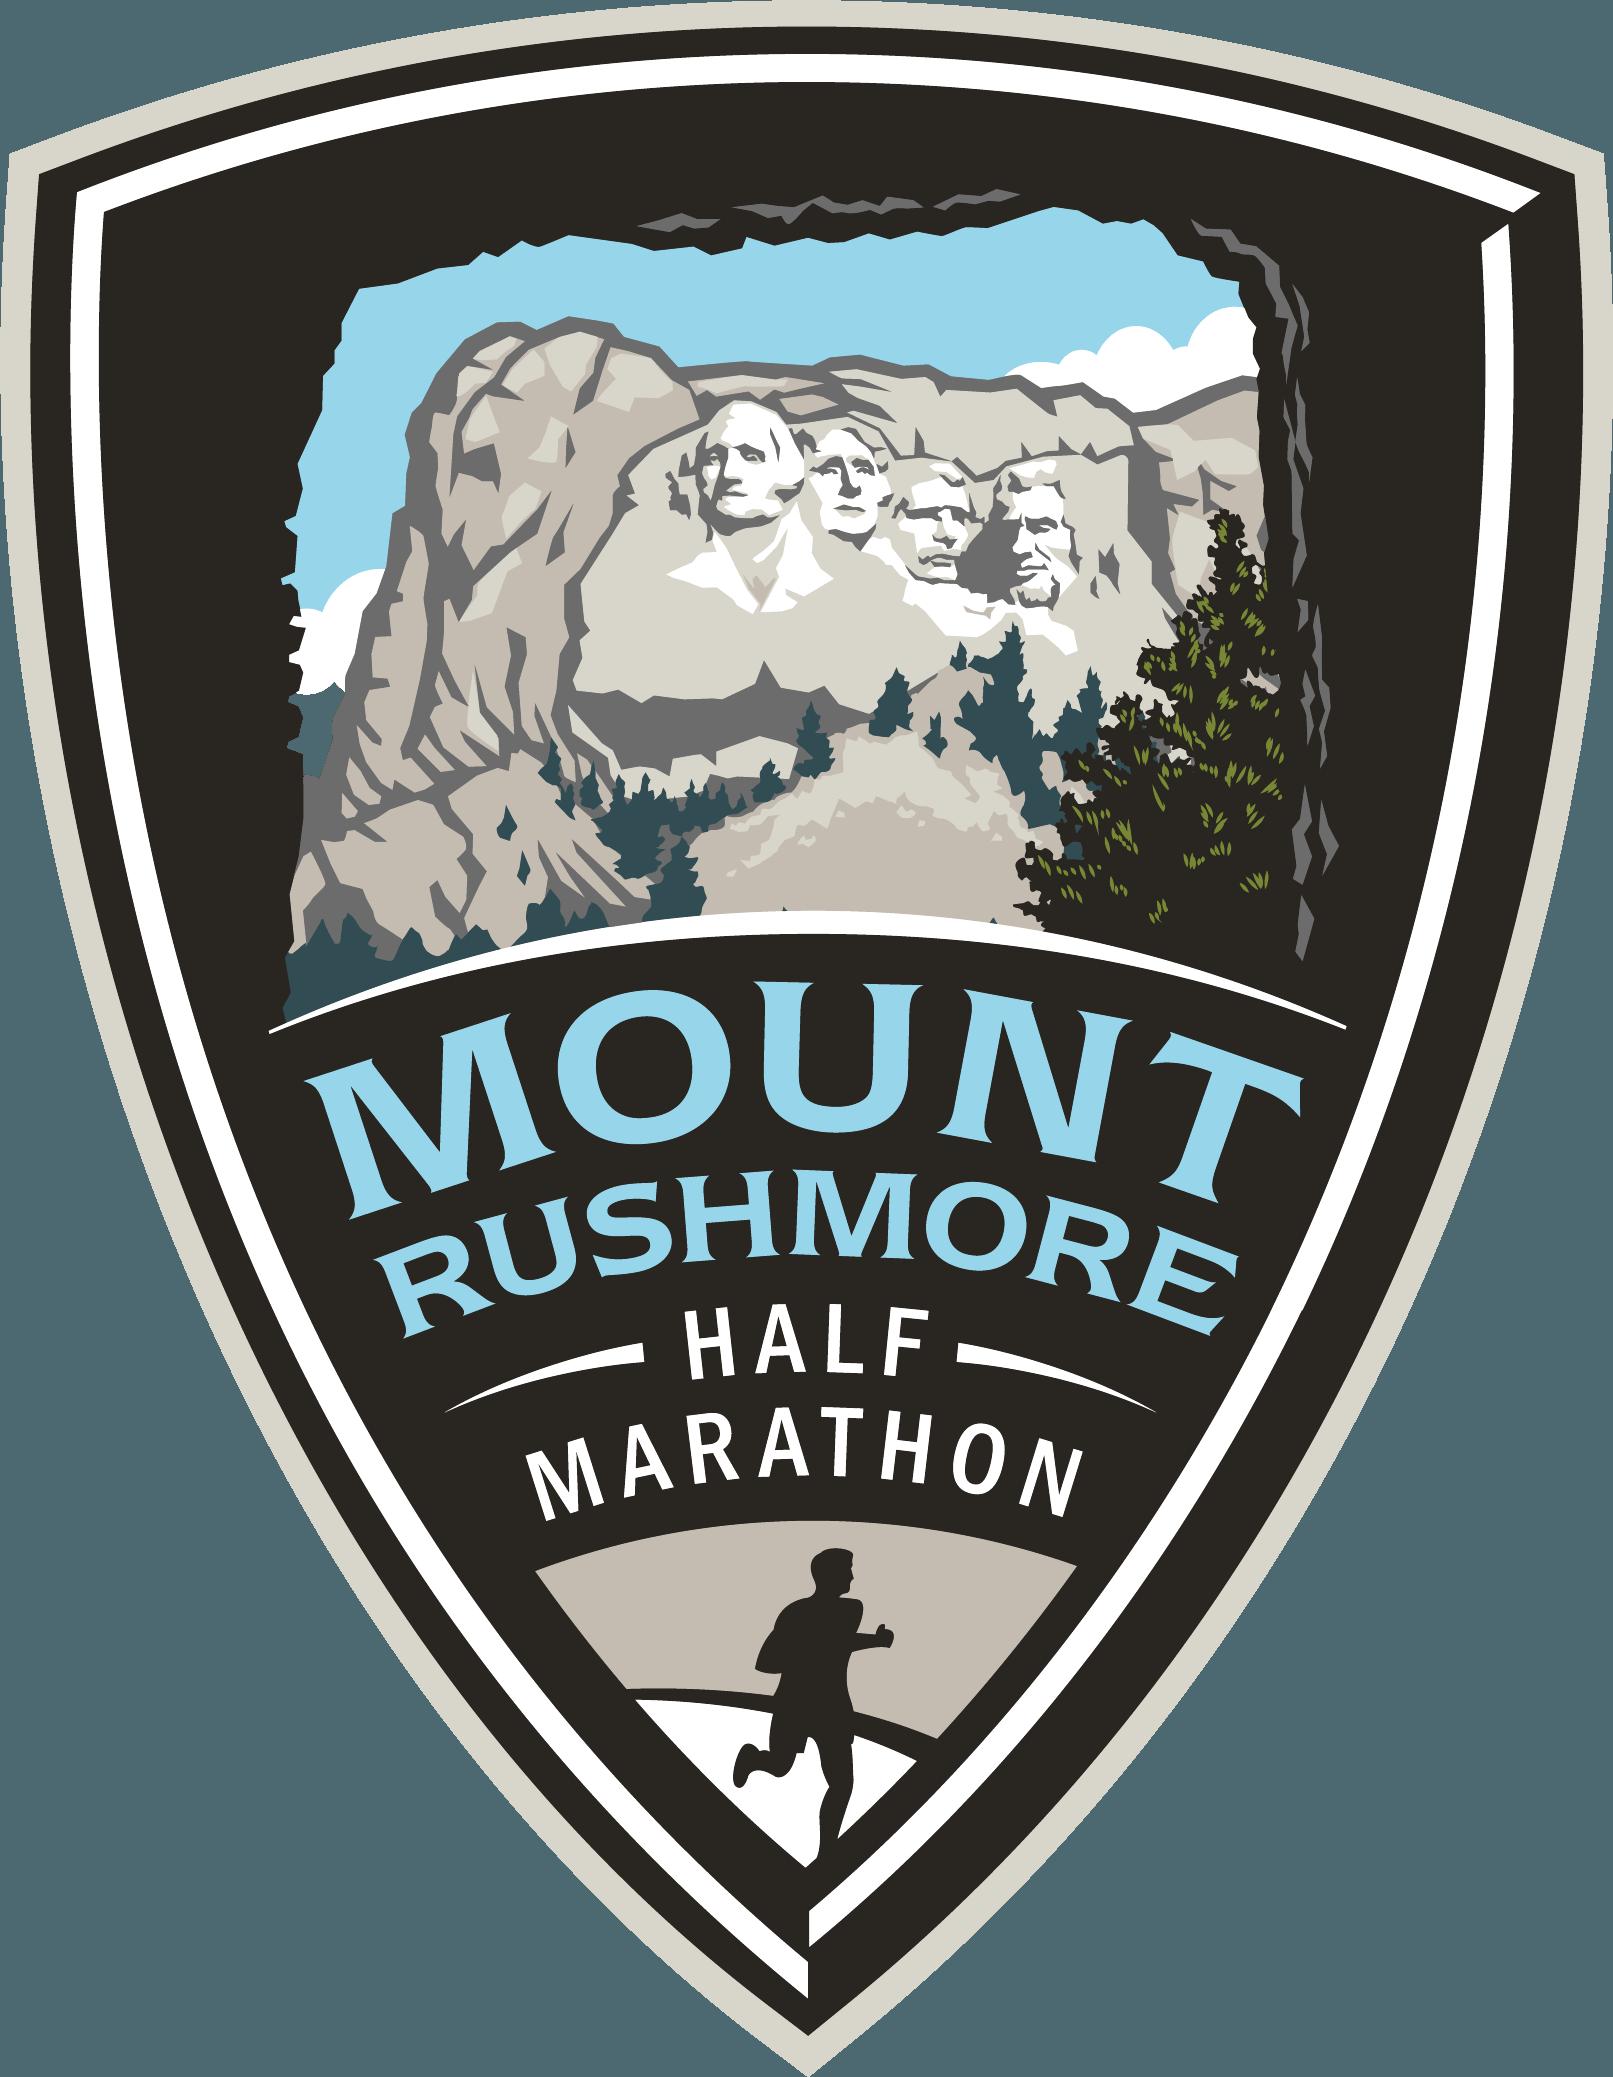 Mt. Rushmore Half Marathon logo